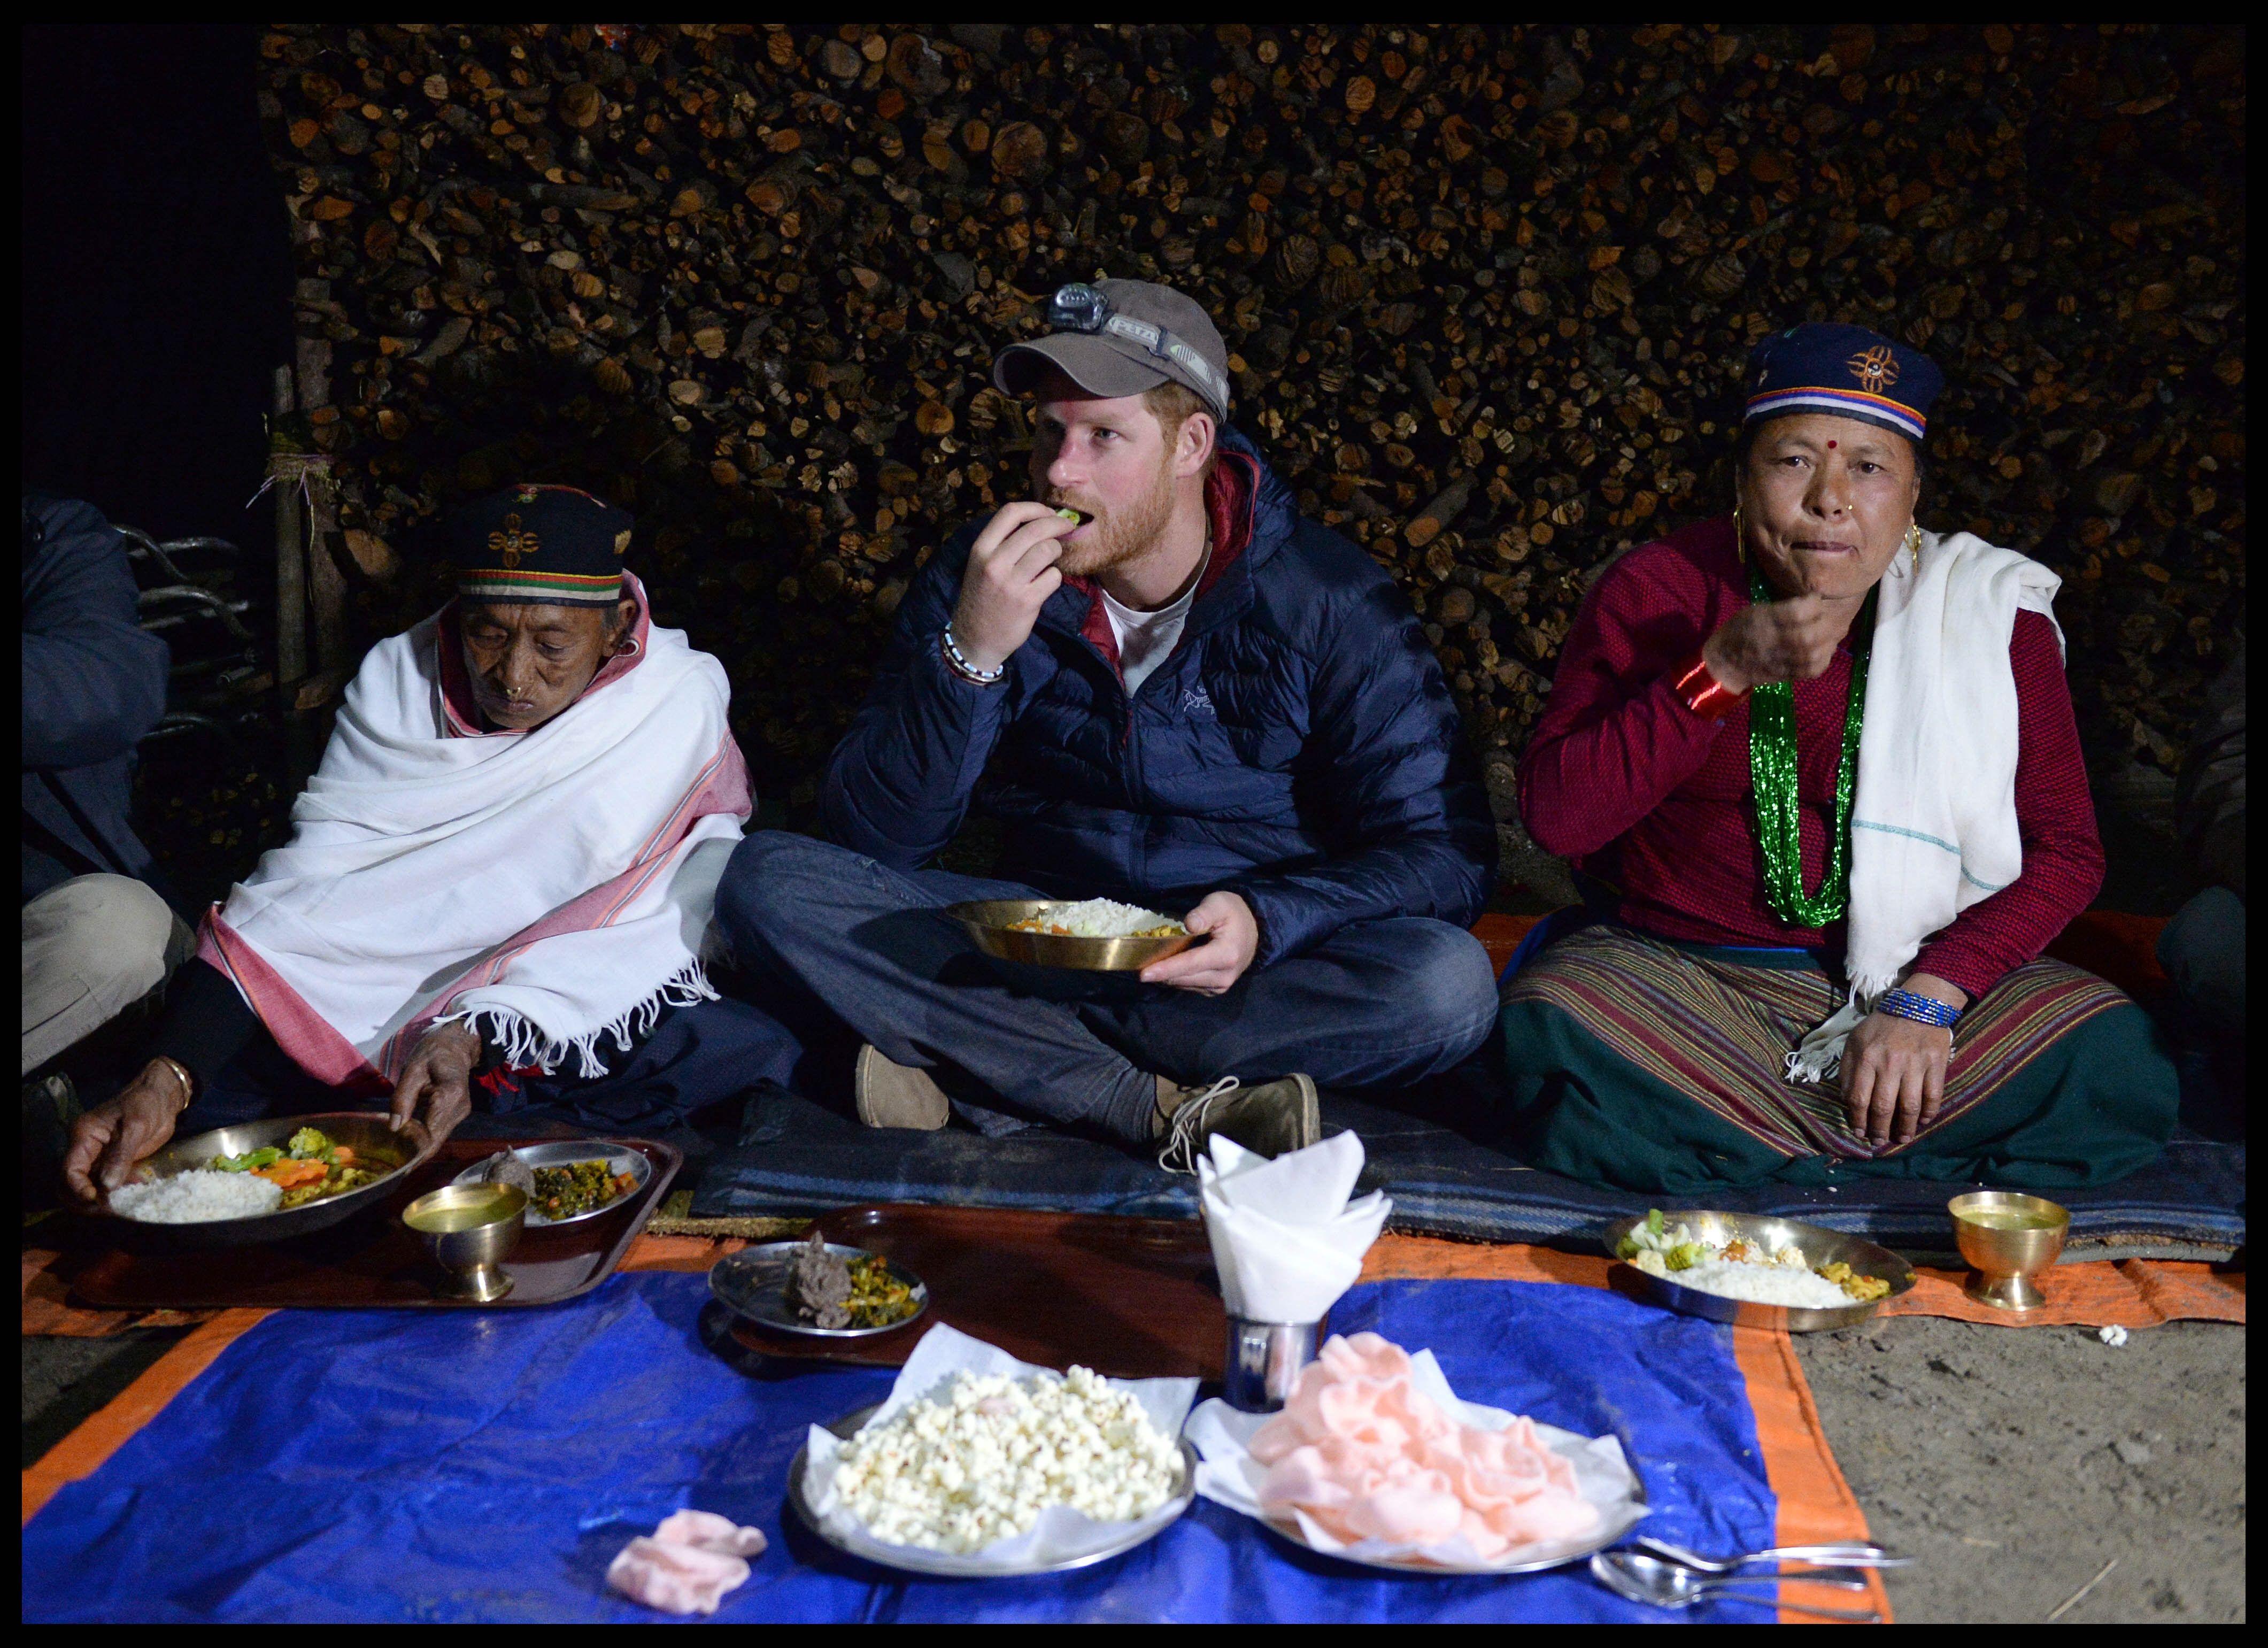 Harry crowned village leader in Nepal